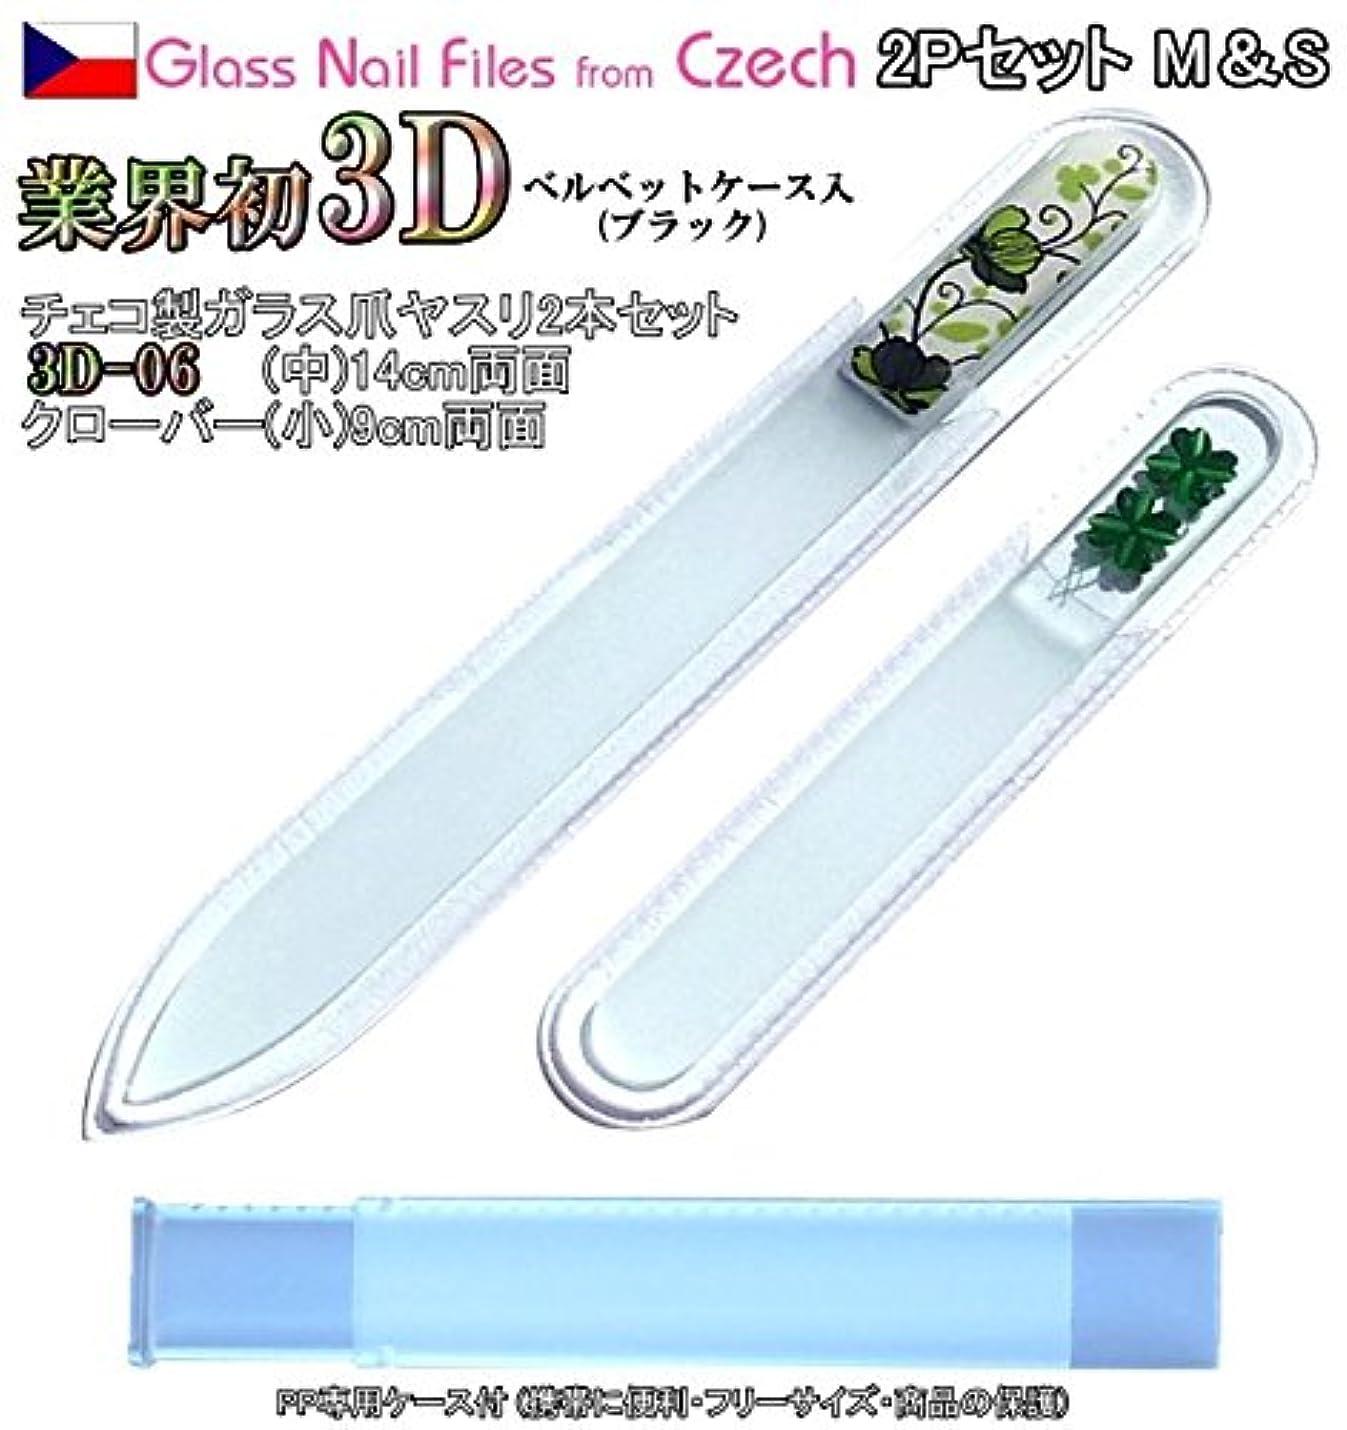 カップ誤って極小BISON 3D チェコ製ガラス爪ヤスリ 2Pセット M06&Sクローバー各両面仕上げ ?専用ケース付